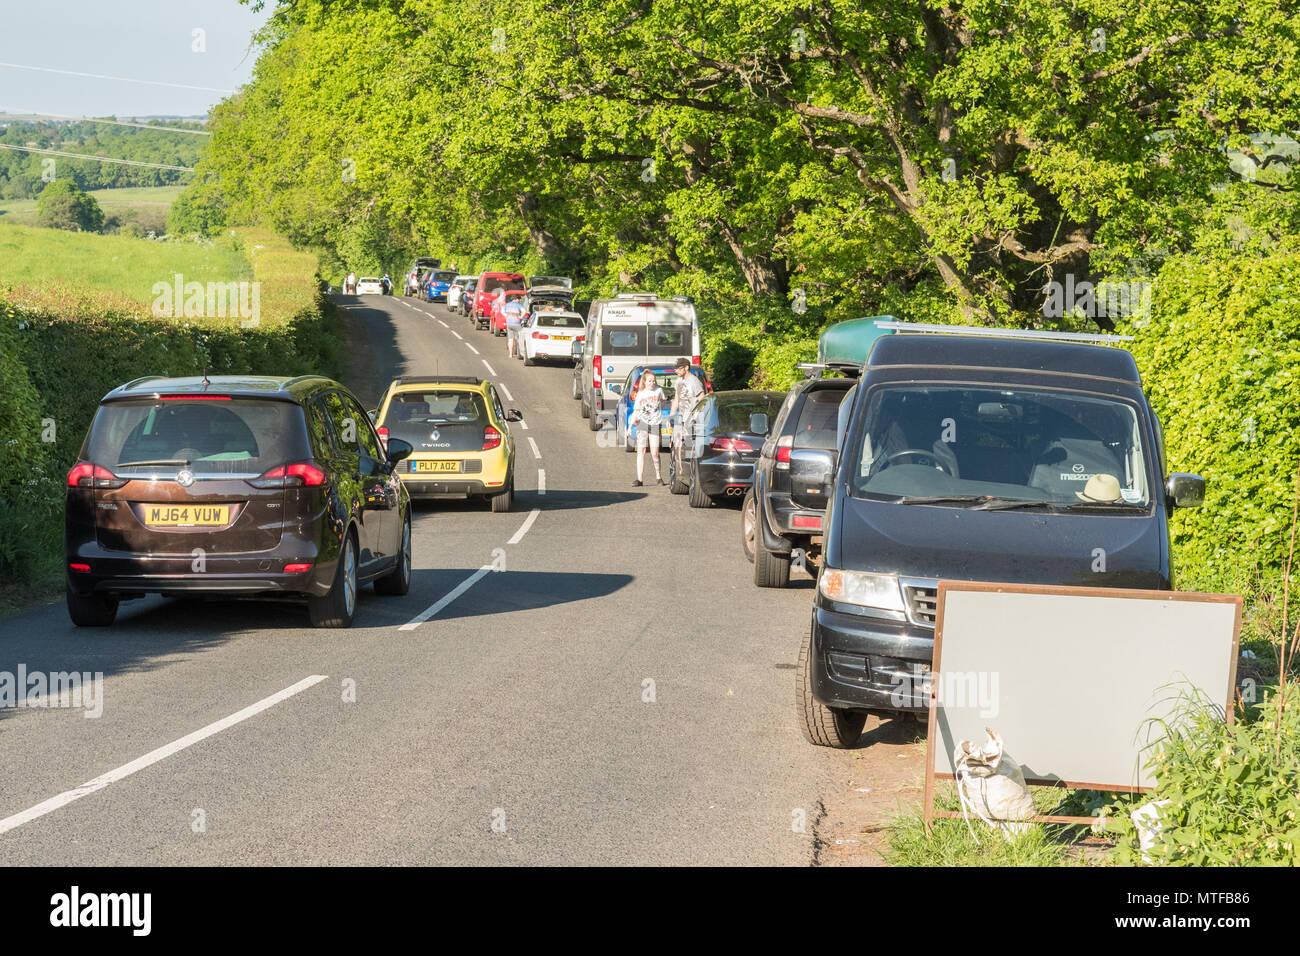 Touristische Drücke und Parkplatz Probleme - Autos entlang der B 834 Straße geparkt, wie Leute die Teufel Kanzel Finnich Glen, Killearn, Schottland, UK besuchen Sie Stockbild